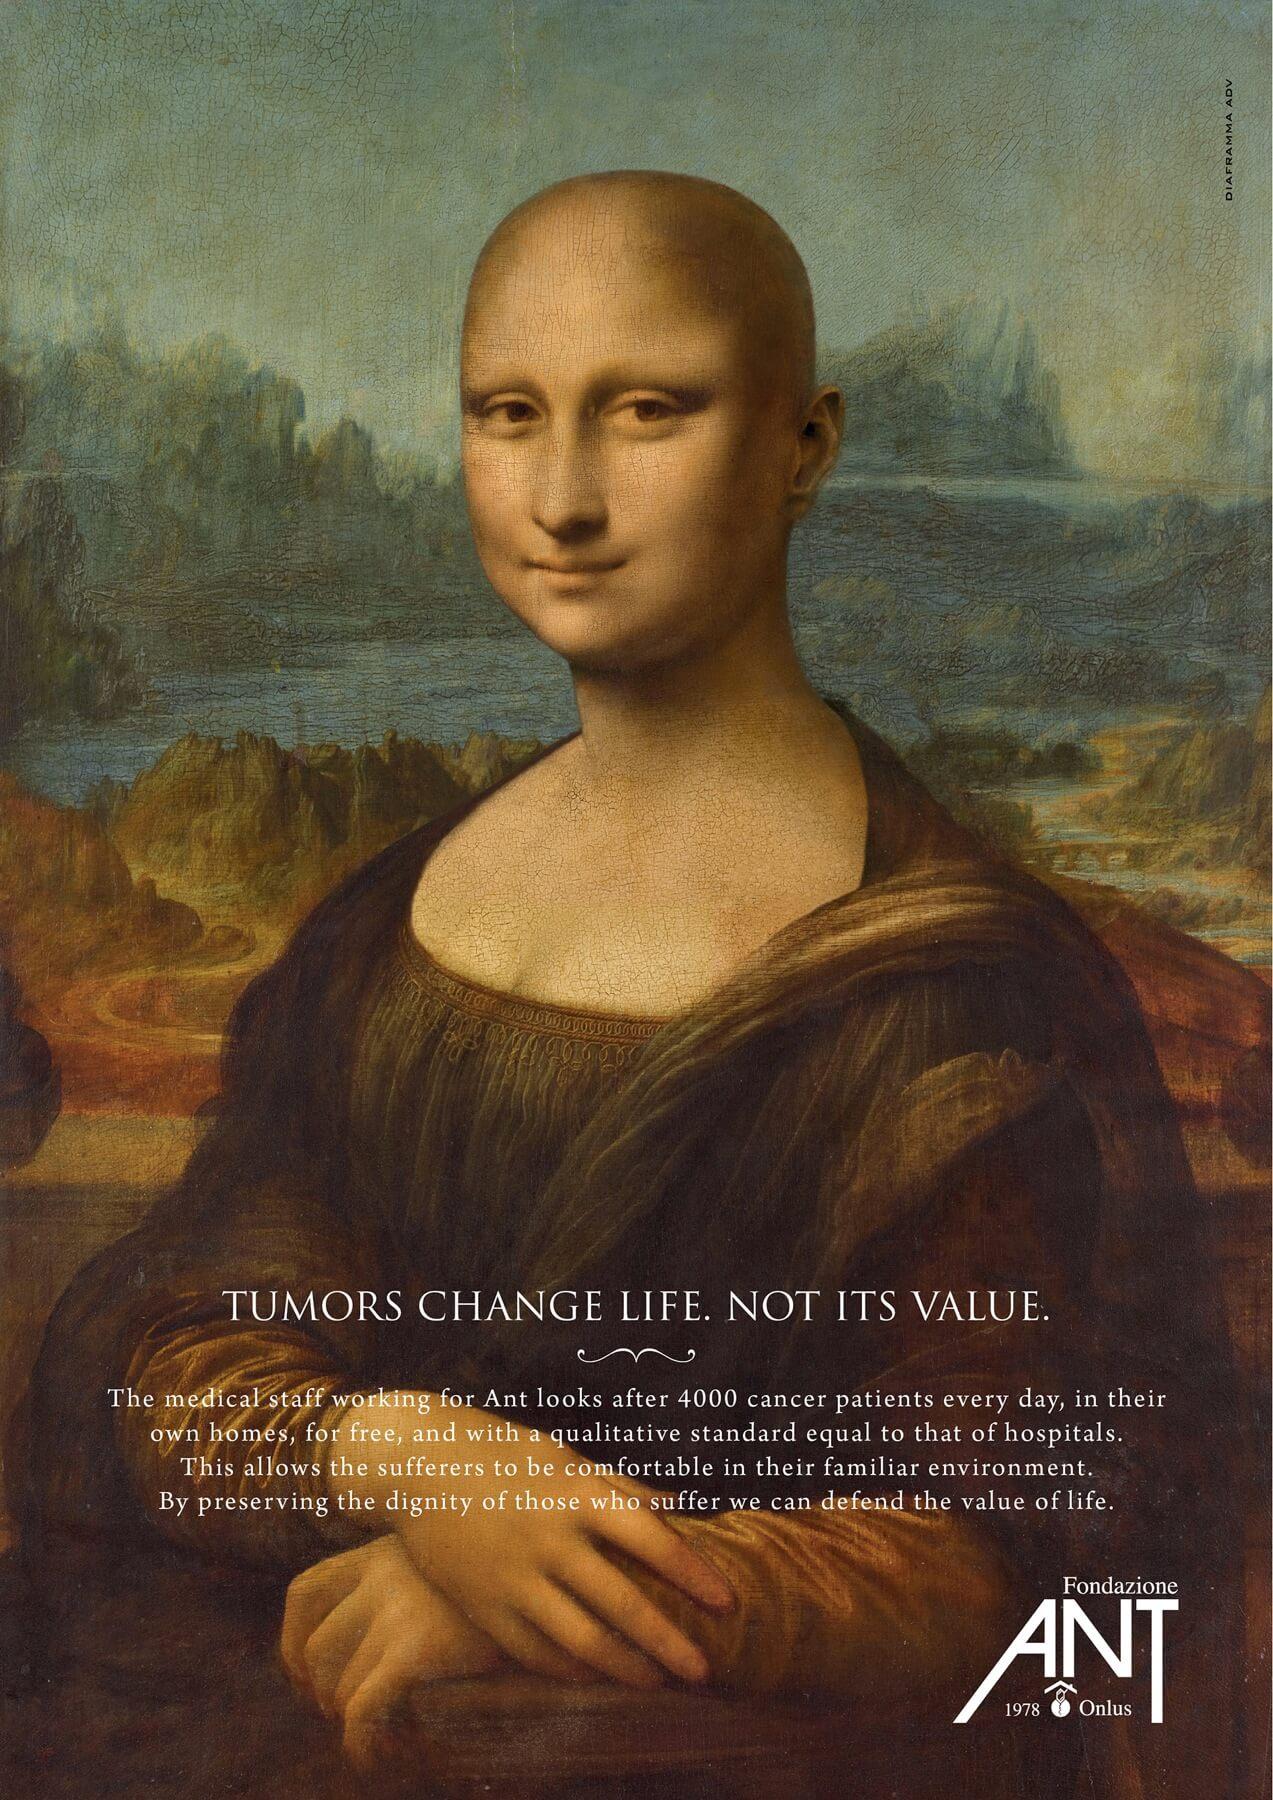 Un tumor puede cambiar la vida de cualquiera.